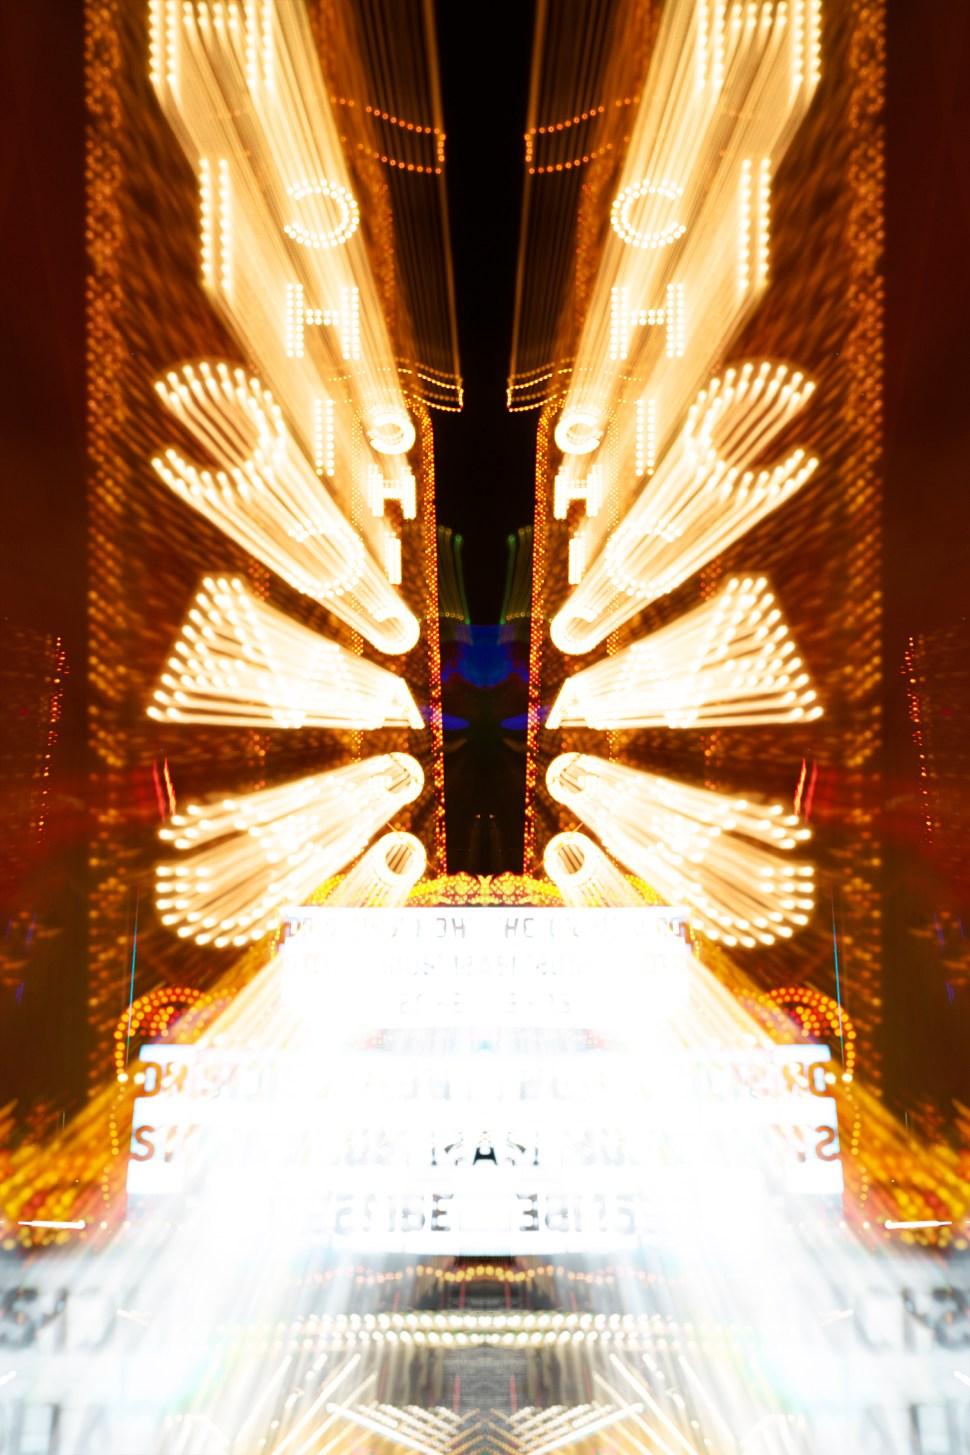 chicagotheaterreflection.jpg